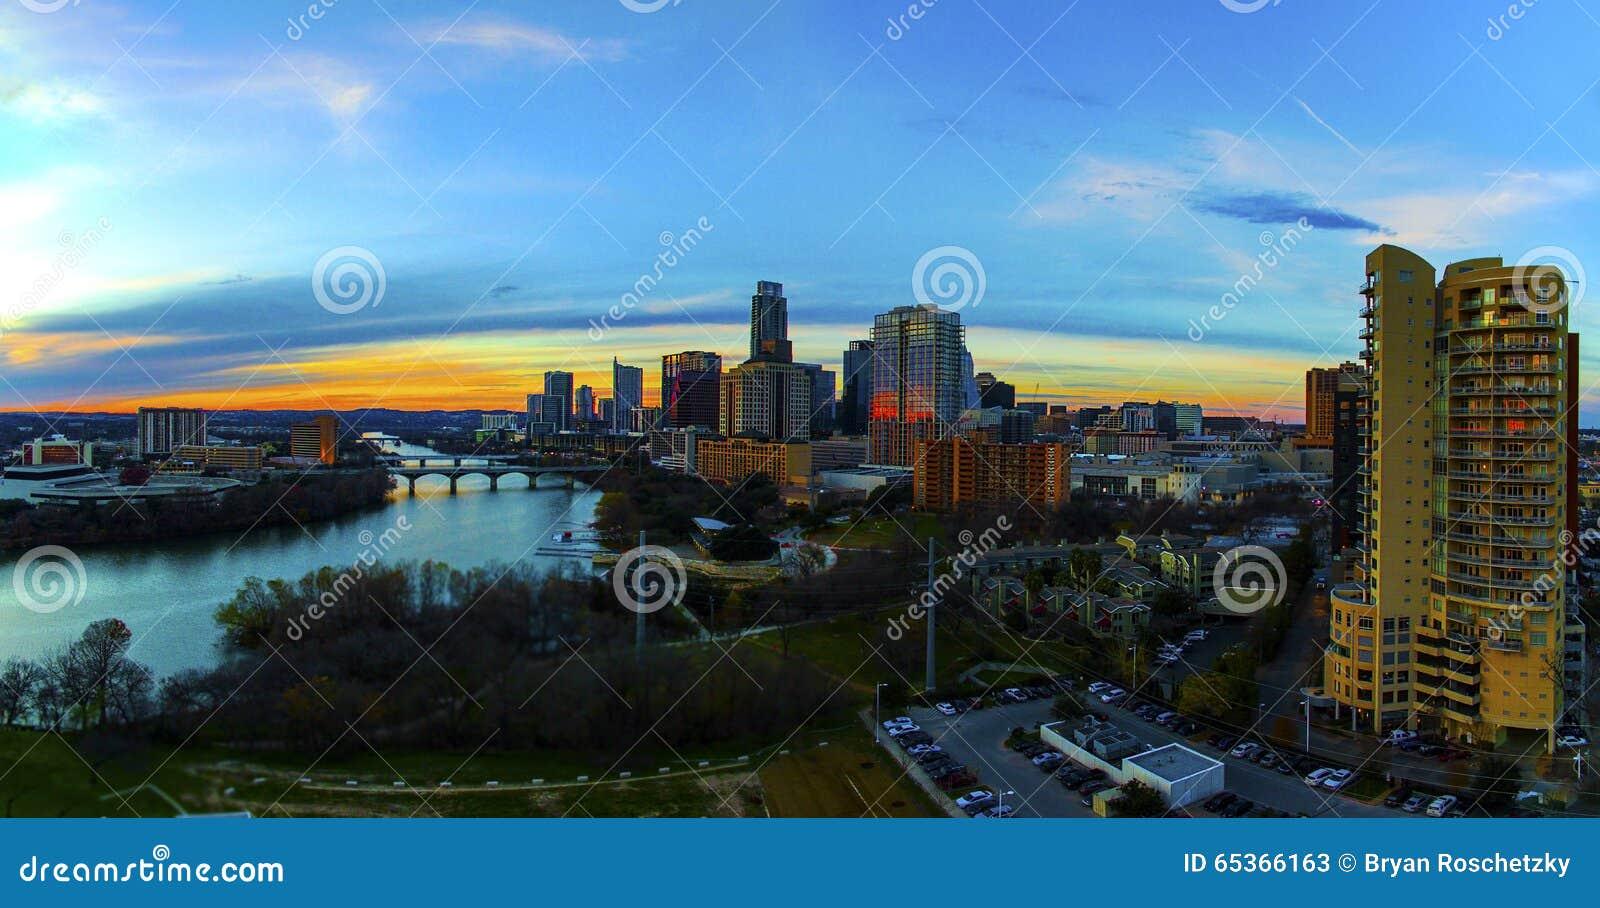 Lucht Lange het Flatgebouw met koopflatsvoorgrond Austin Texas Capital Cities Glowing van de Horizonzonsondergang bezig bij nacht